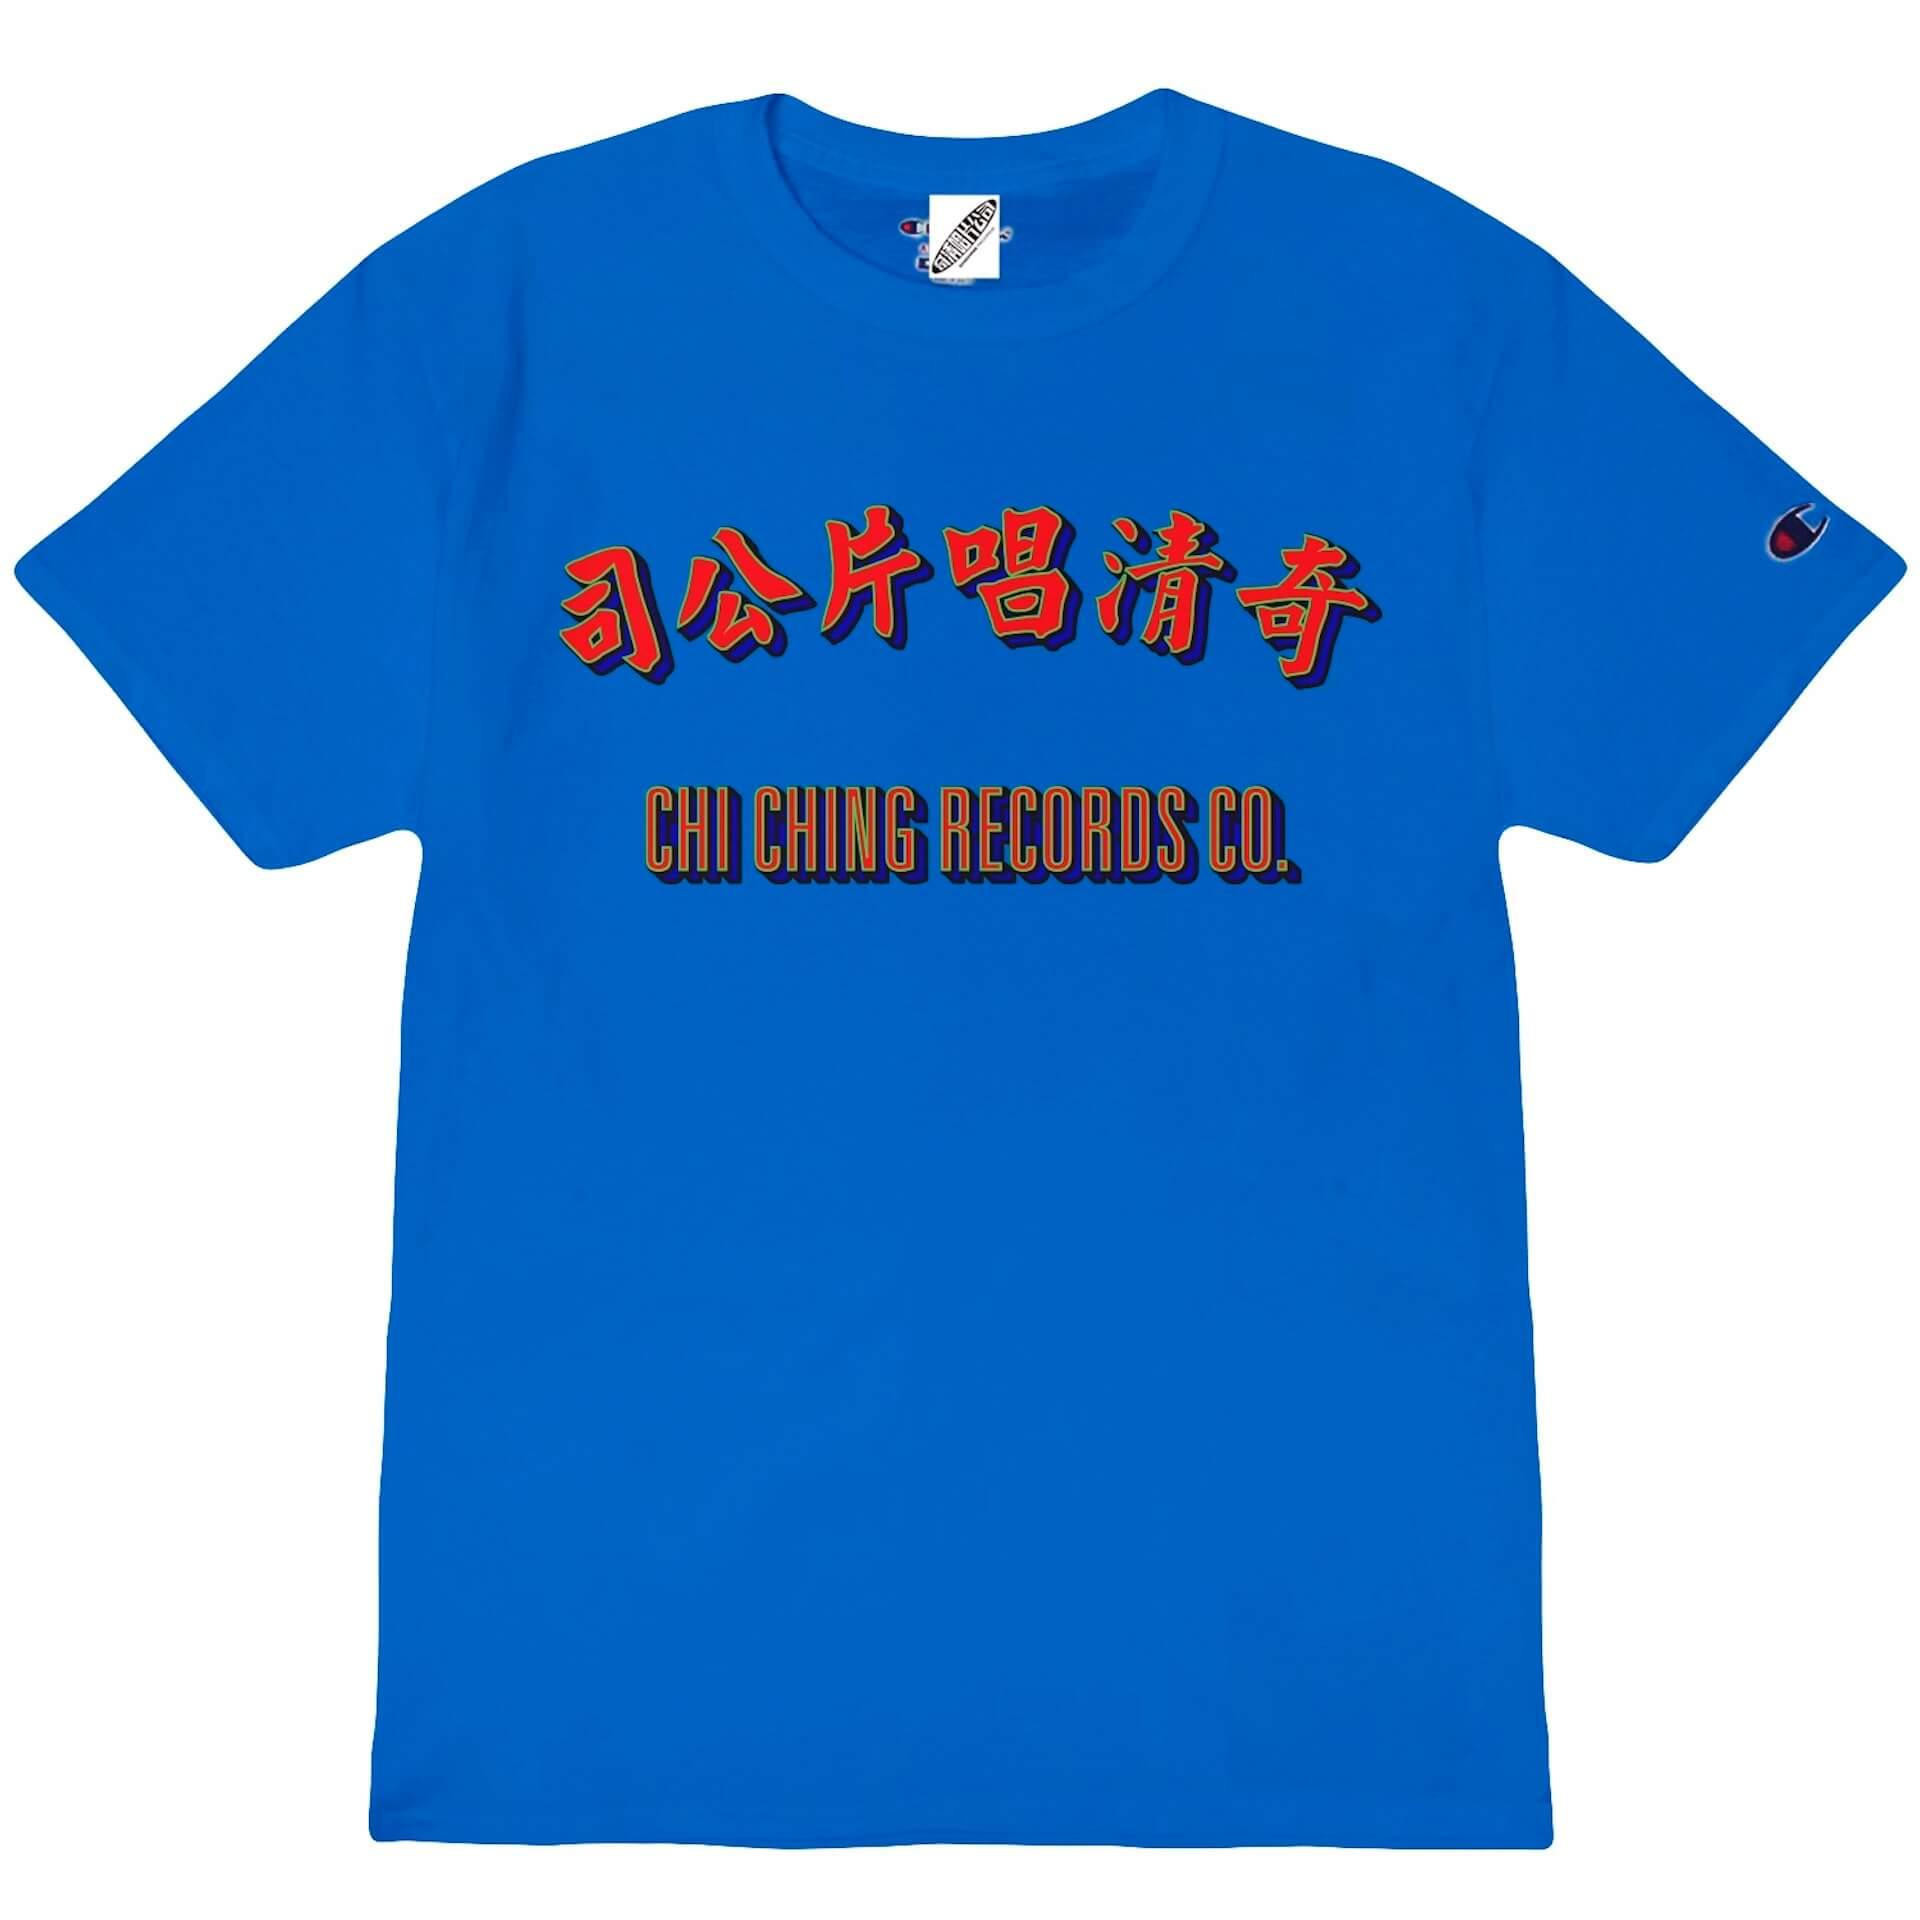 テラスハウス出演モデル・俳優の松㟢翔平が日本で知られていない台湾コンテンツを紹介!<宝島 BAODAO>POP UP開催 lf200110_baodaopopup_06